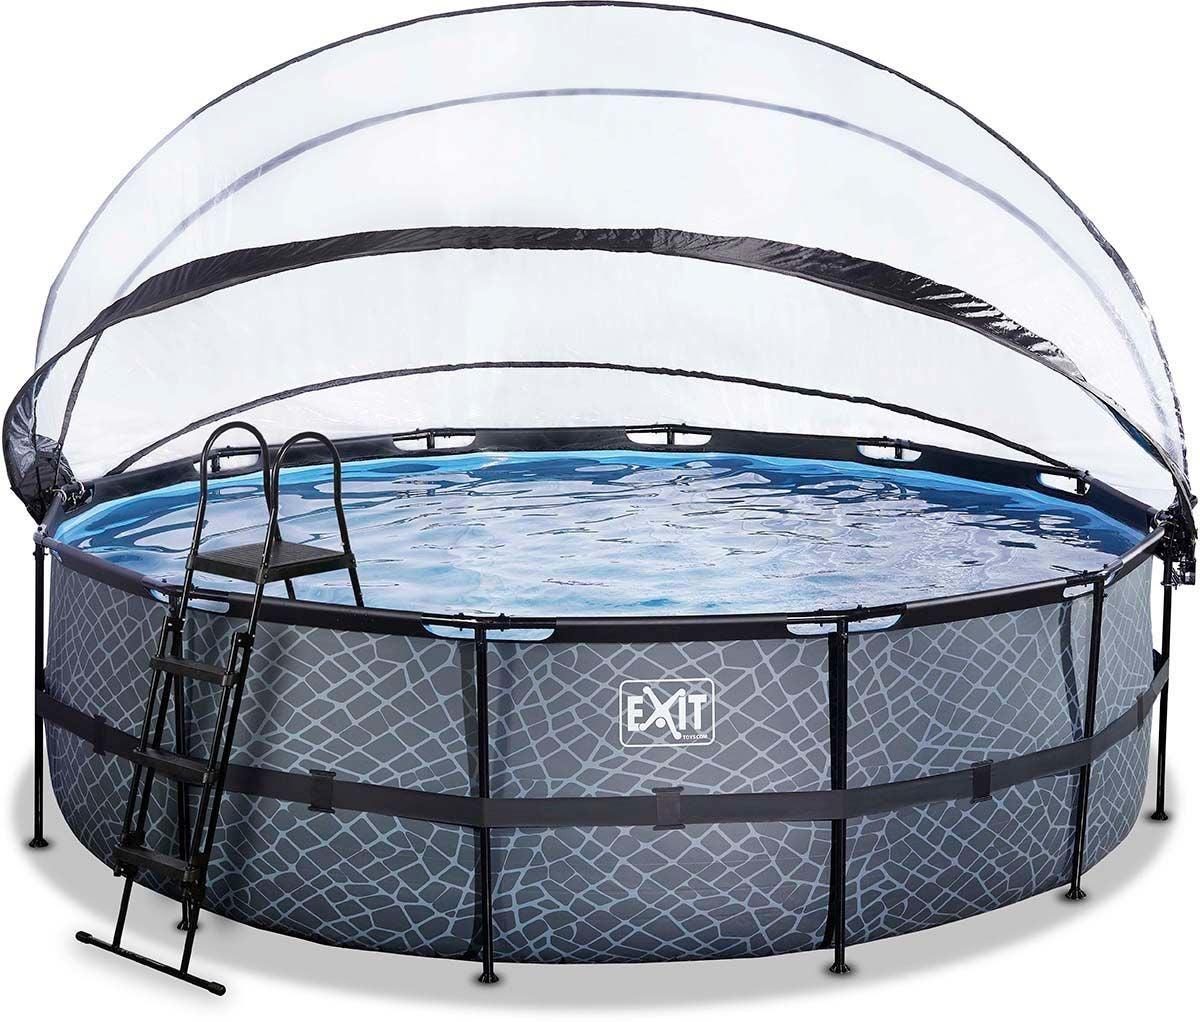 EXIT Pool med Kupol 488 cm, Grå